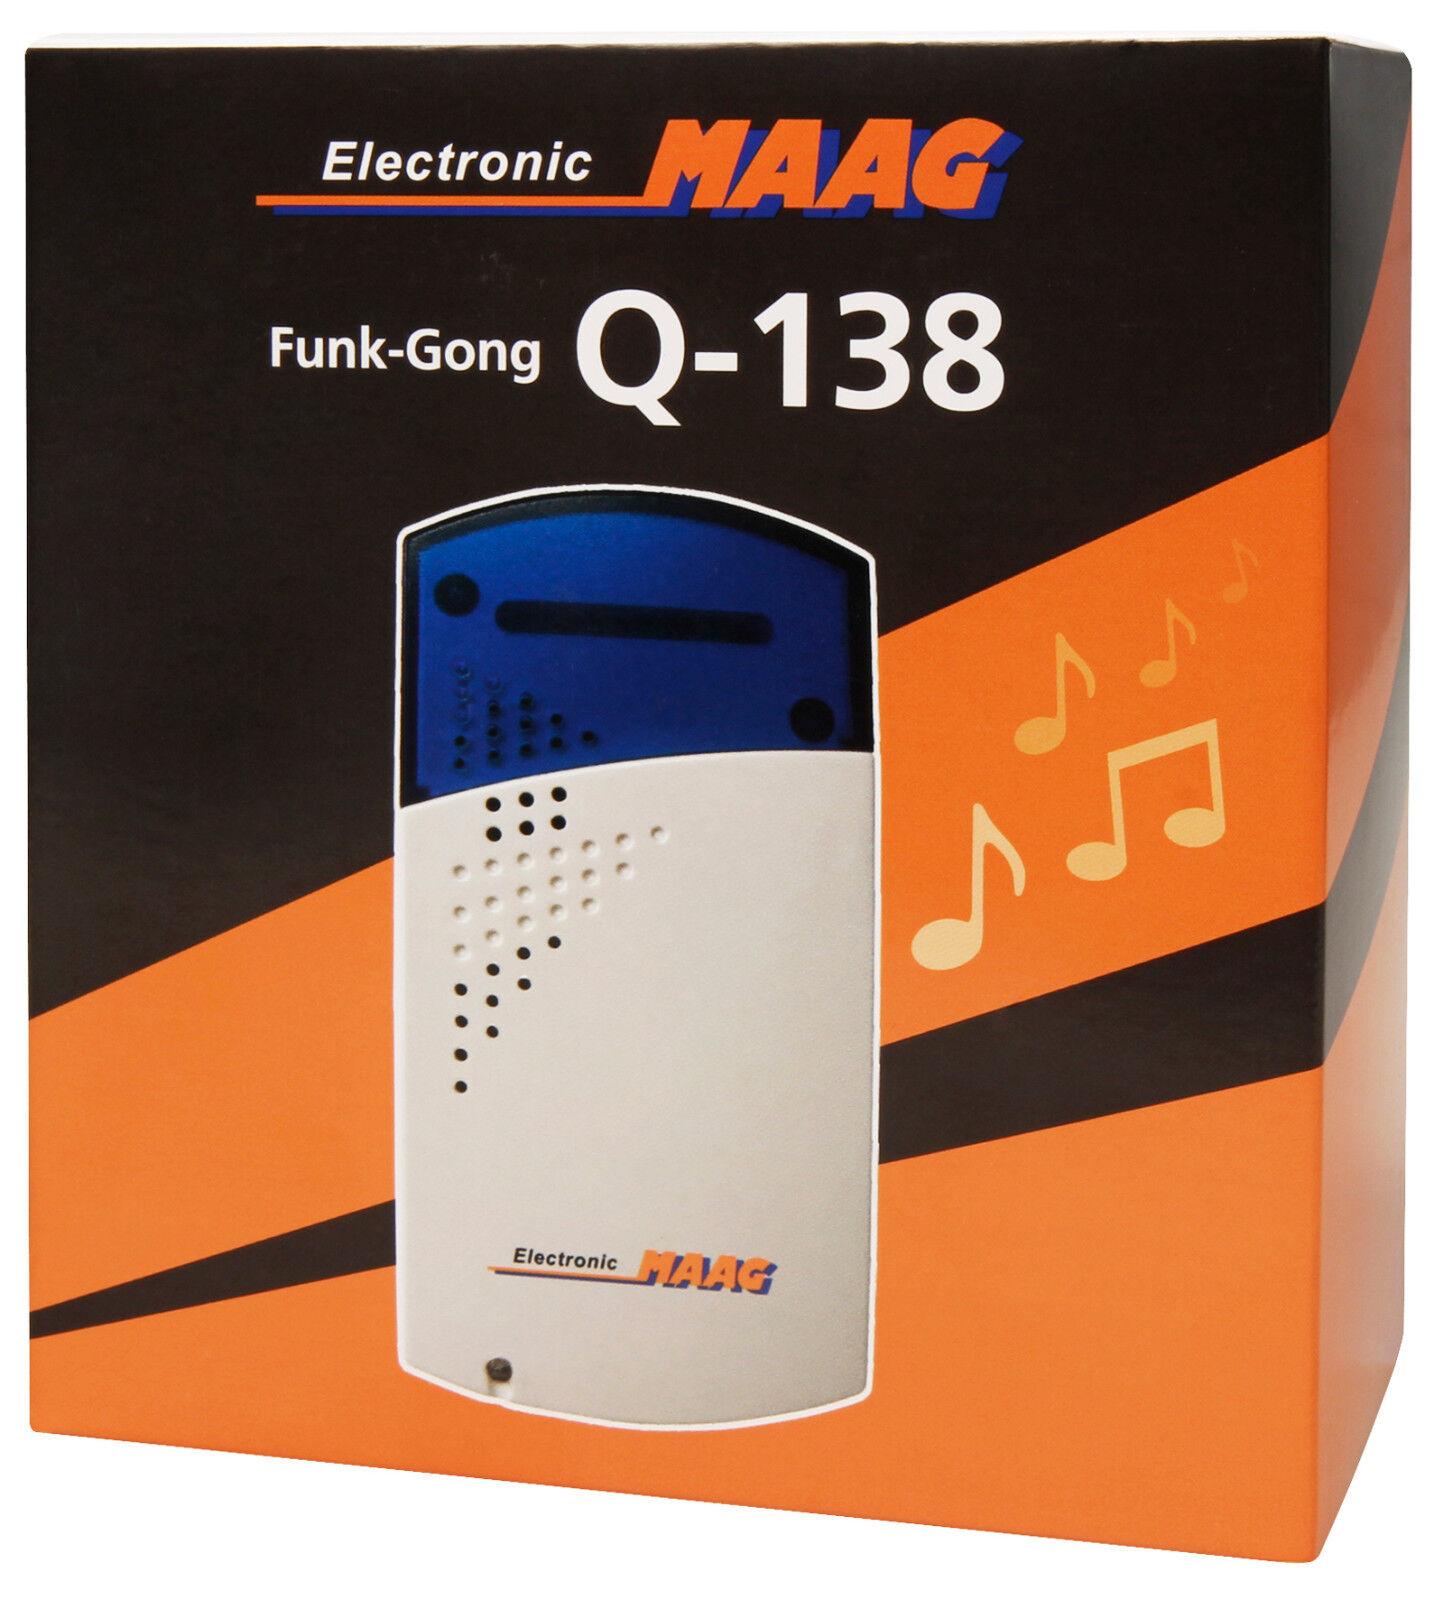 Zusatz Klingel für Klingel Erweiterung von Maag Electronic Funk  35 Melodien